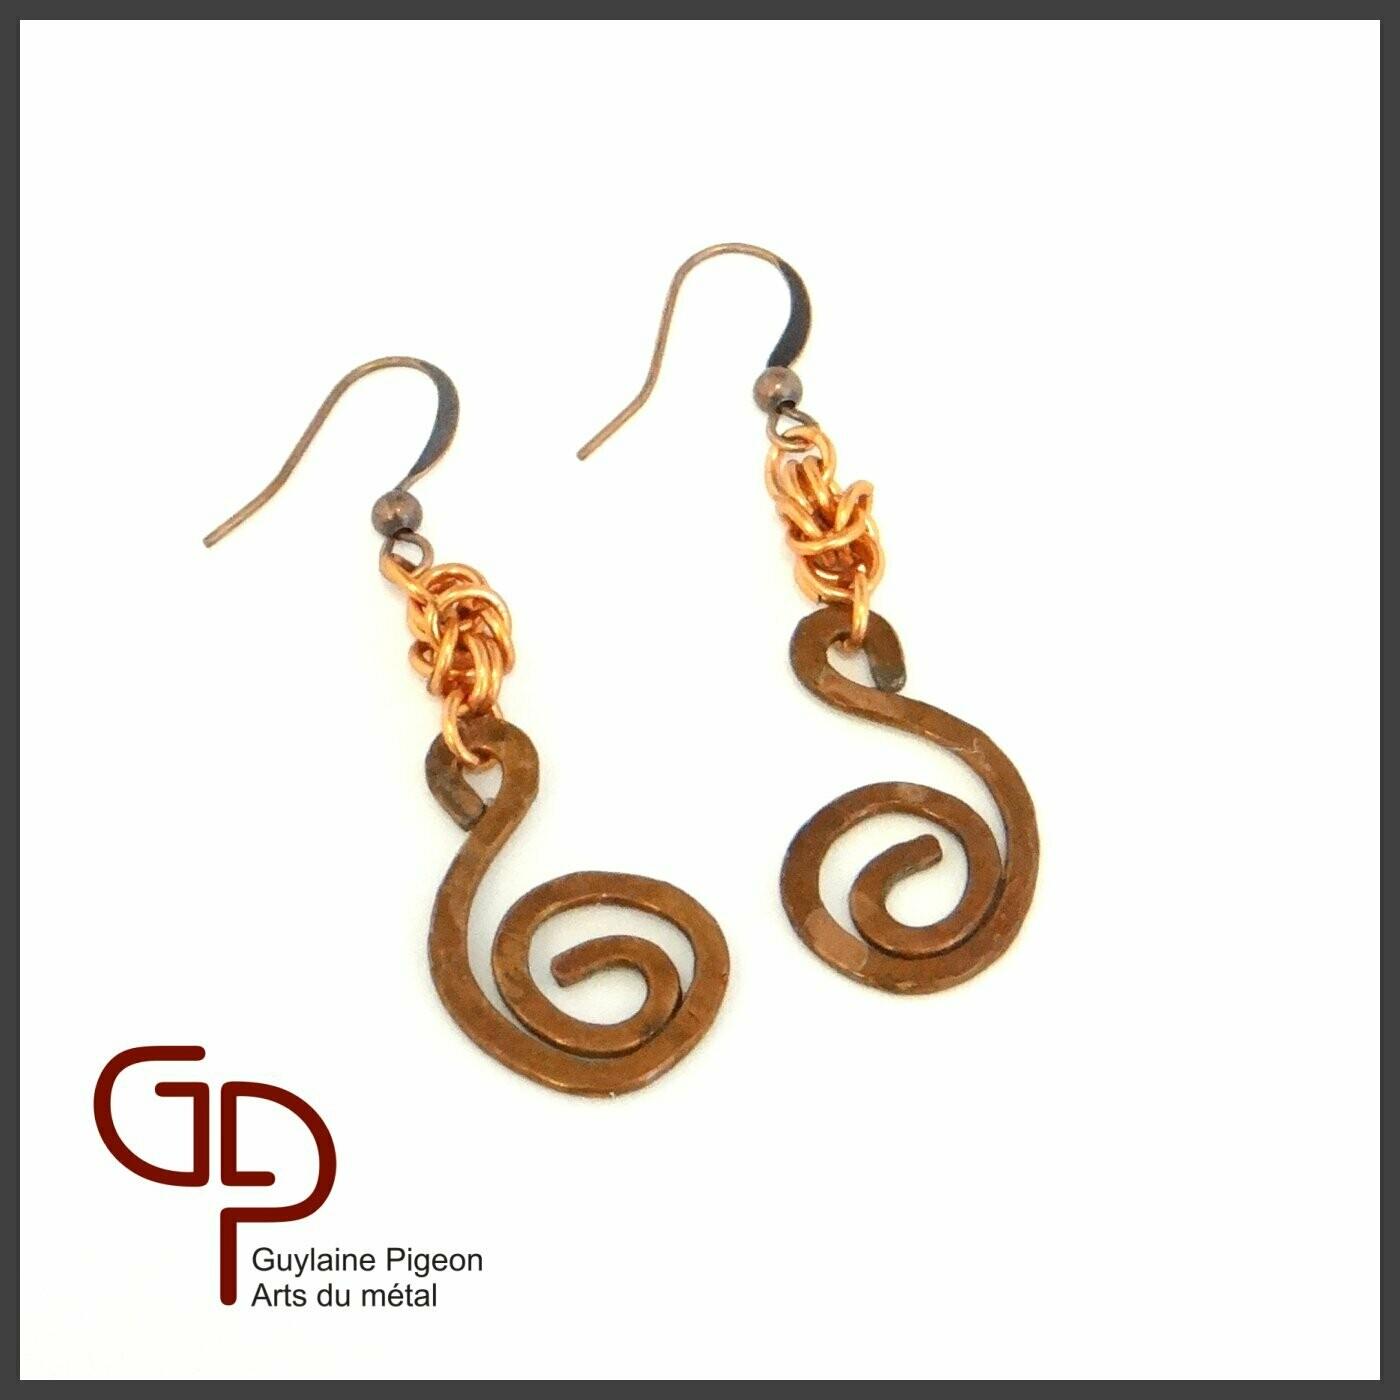 Boucles d'oreilles cuivre #2